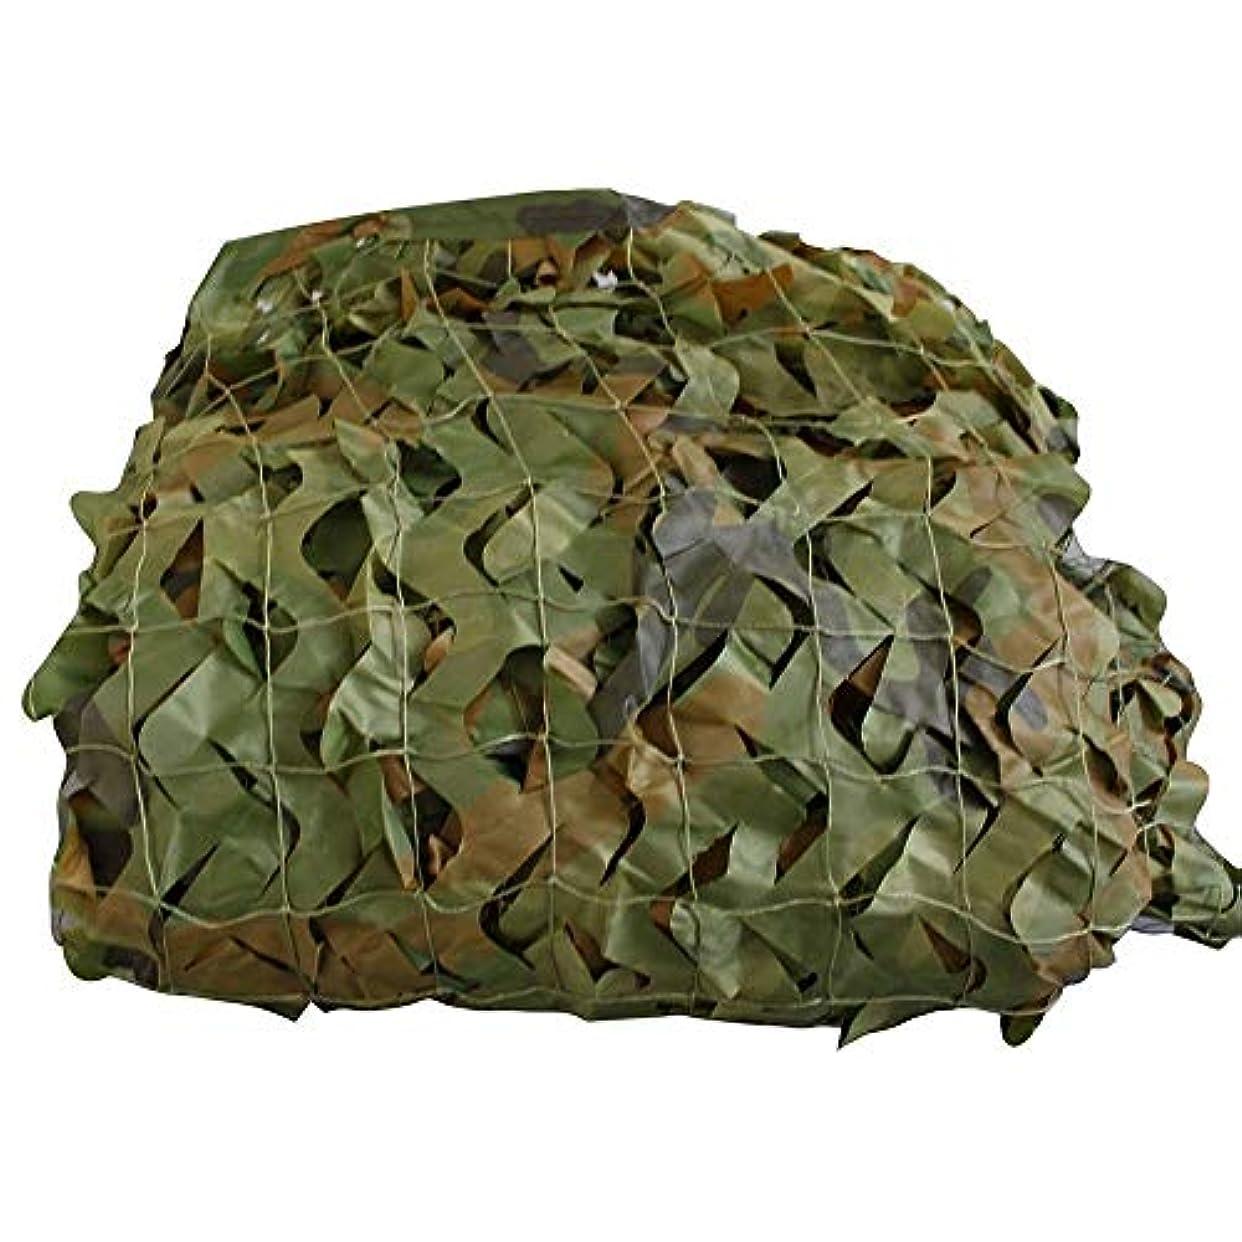 岸起きる設計DGLIYJ ジャングルカモフラージュネット2x3mからの装飾品オックスフォード布を見ての偽造防止ネットキャンプの鳥 (サイズ さいず : 2x5m)